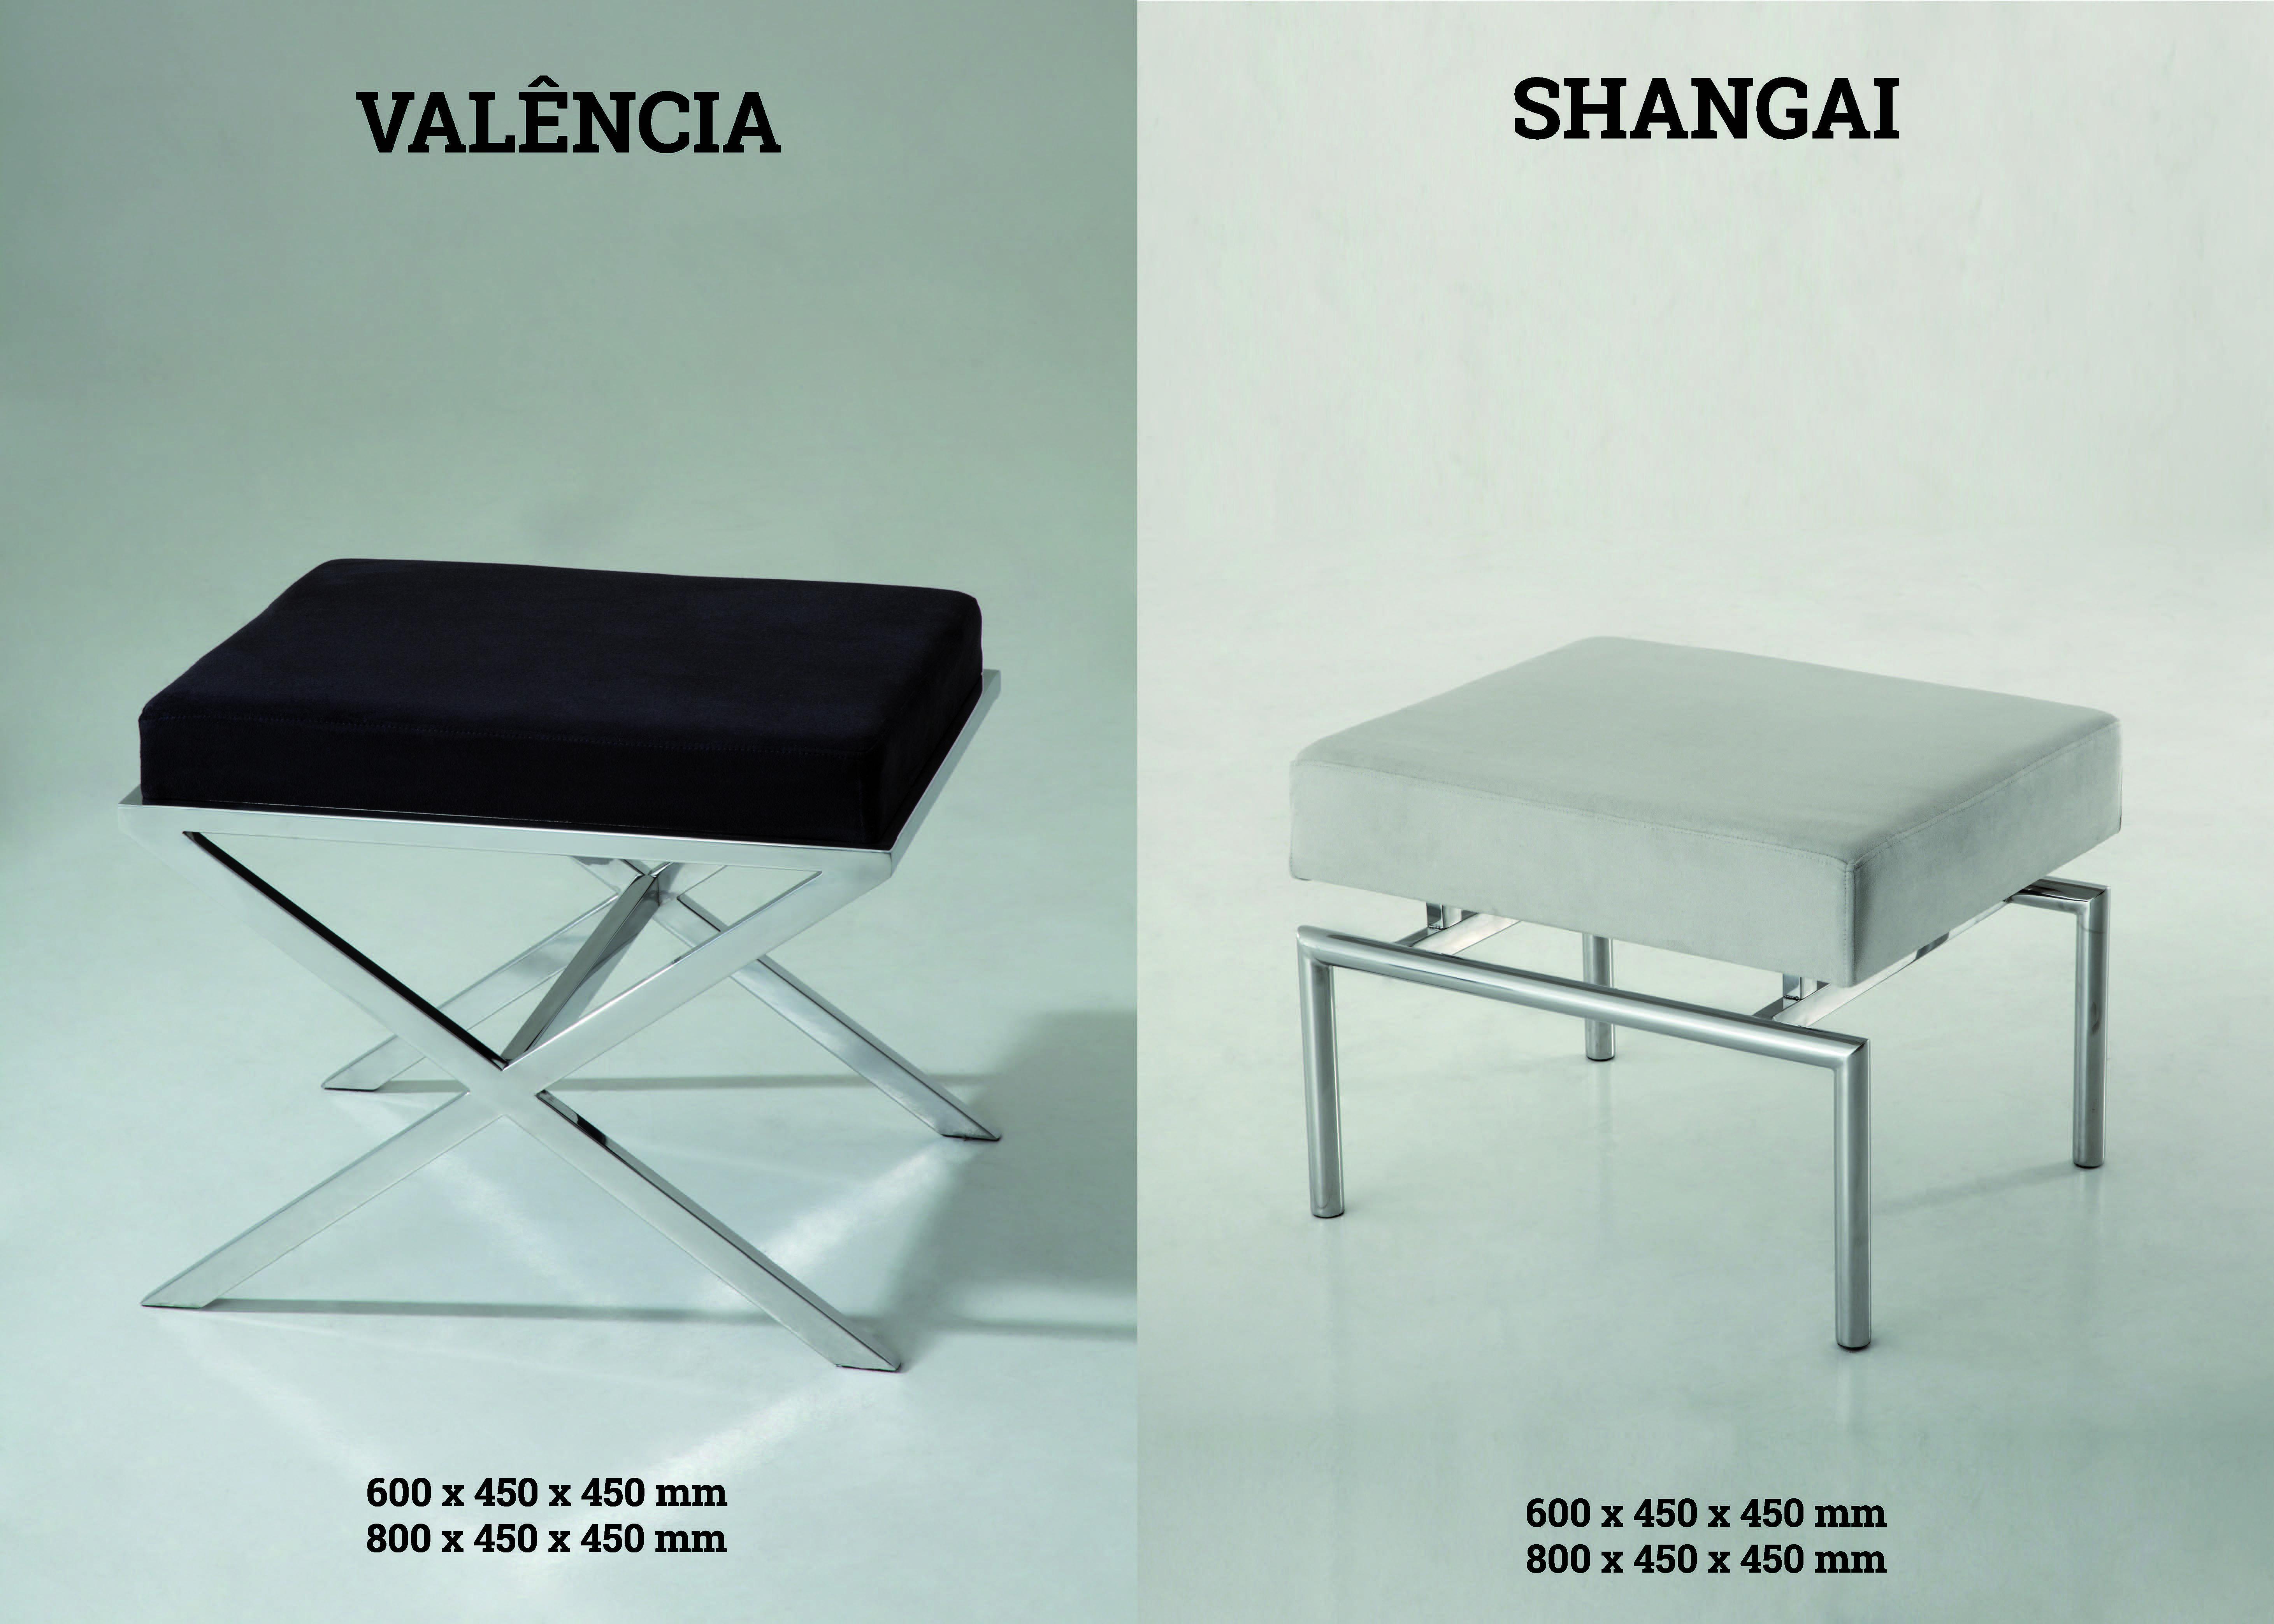 Banco Valencia e Shangai